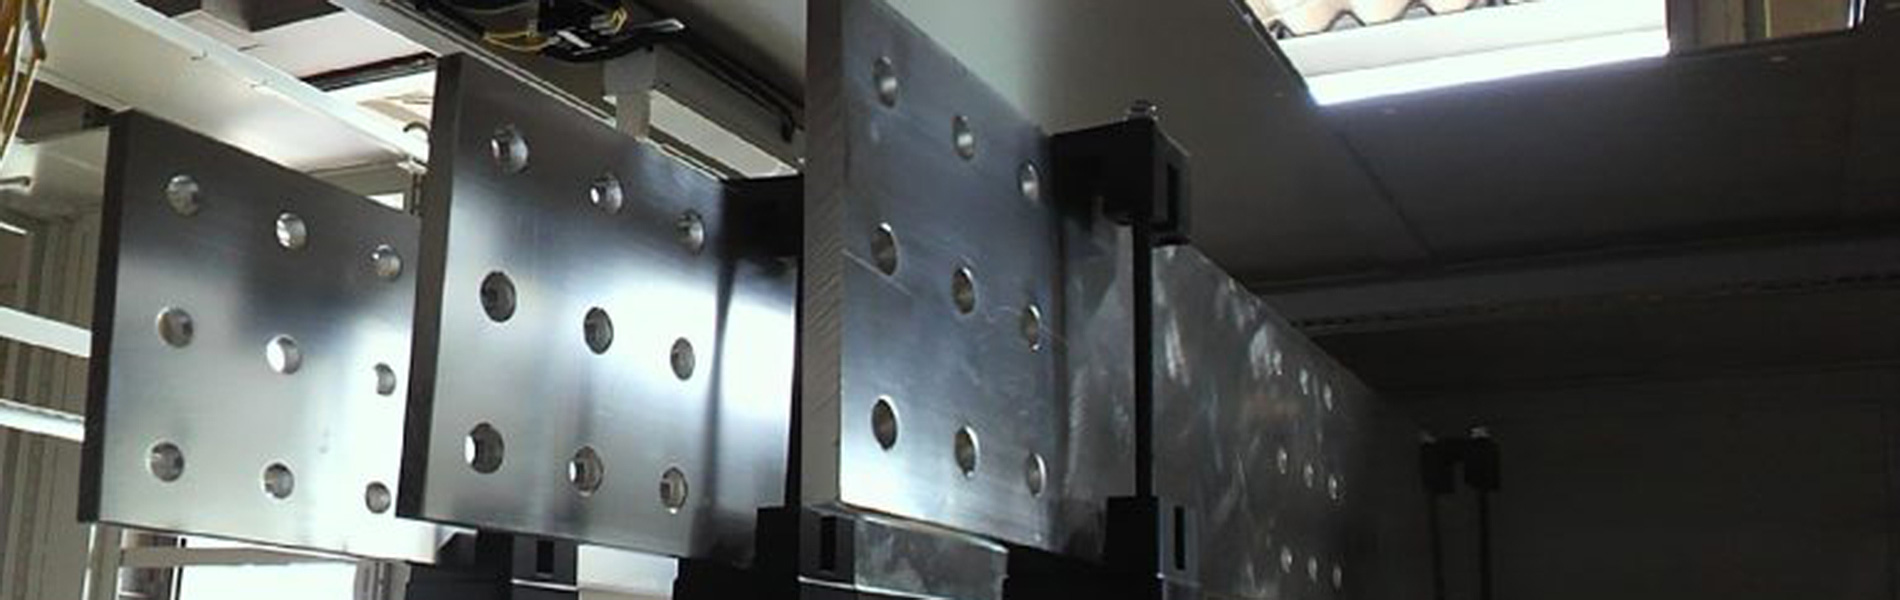 愛知県の盤用銅バー専門メーカー:ジャストプロダクツ